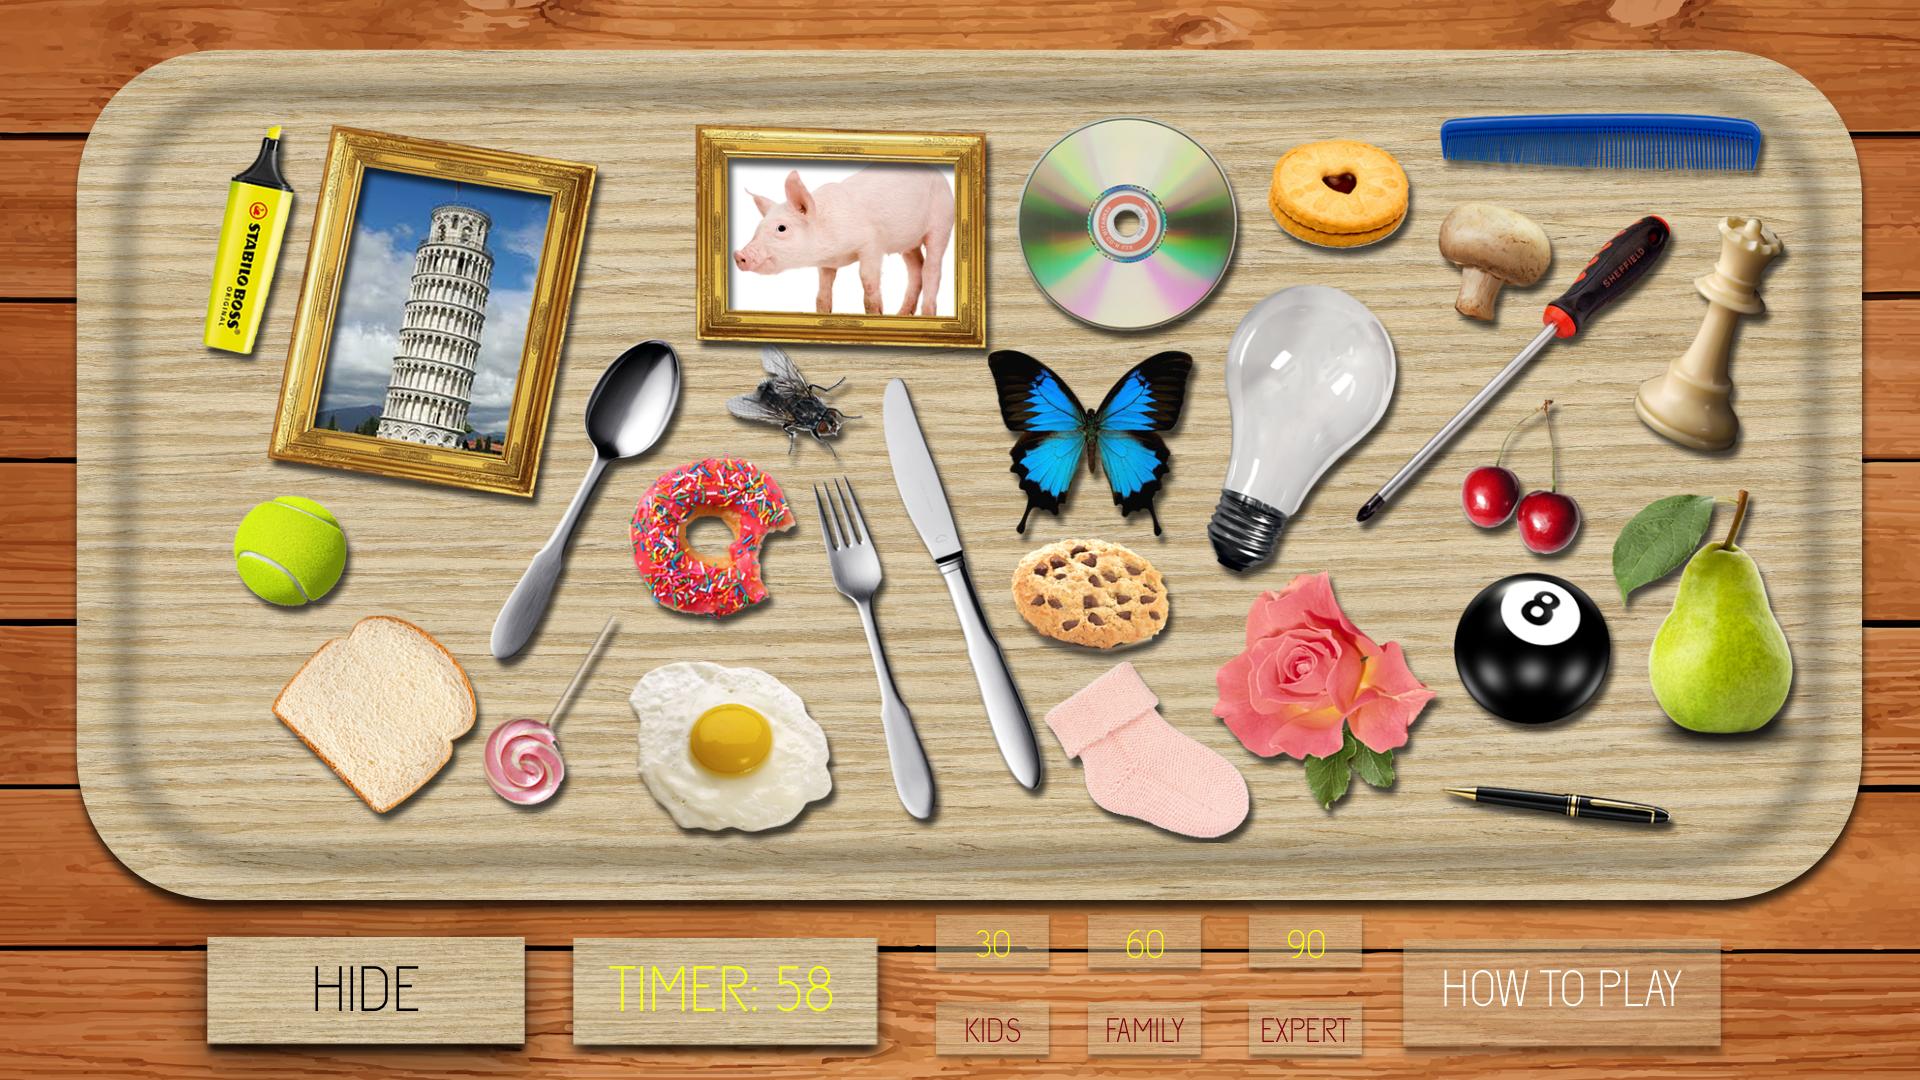 Bildresultat för memory tray Memory games, Games, Game app